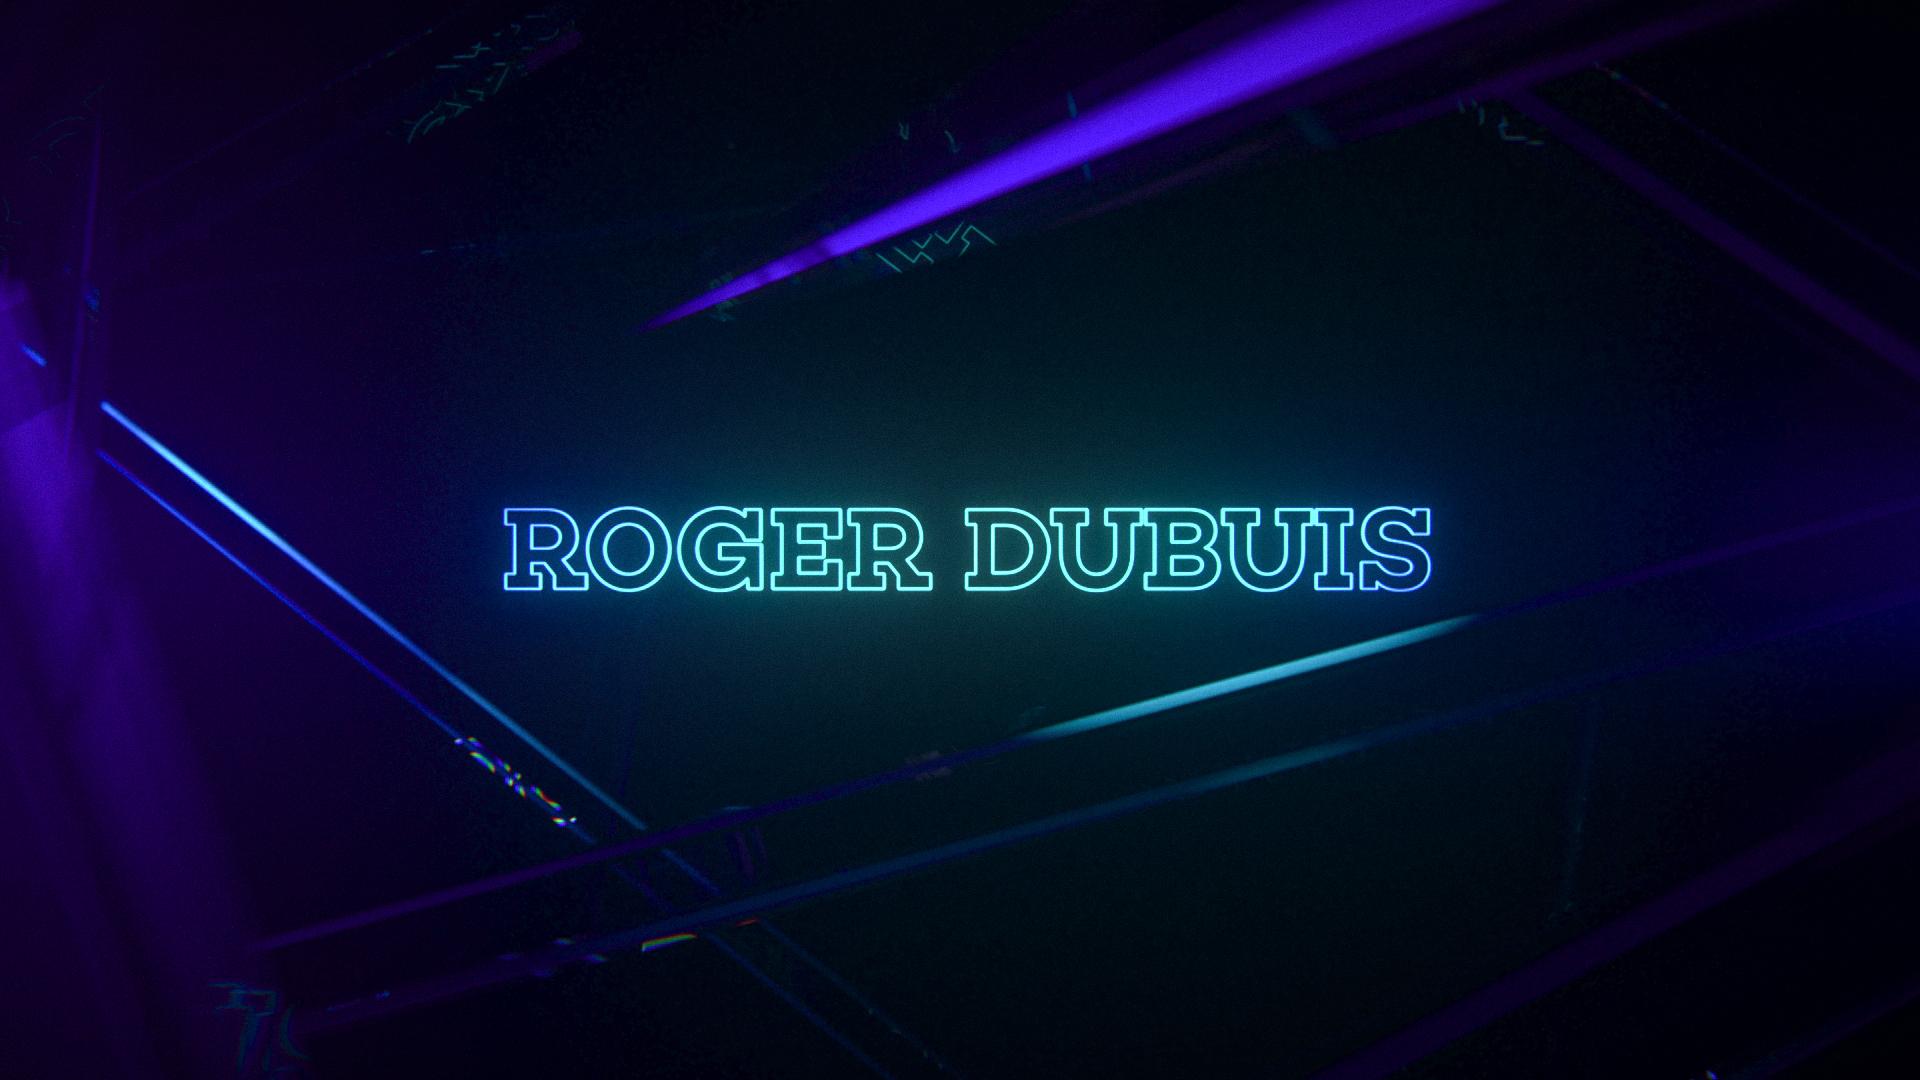 ROGER_DUBUIS_02_logo_new_blacklight_effect